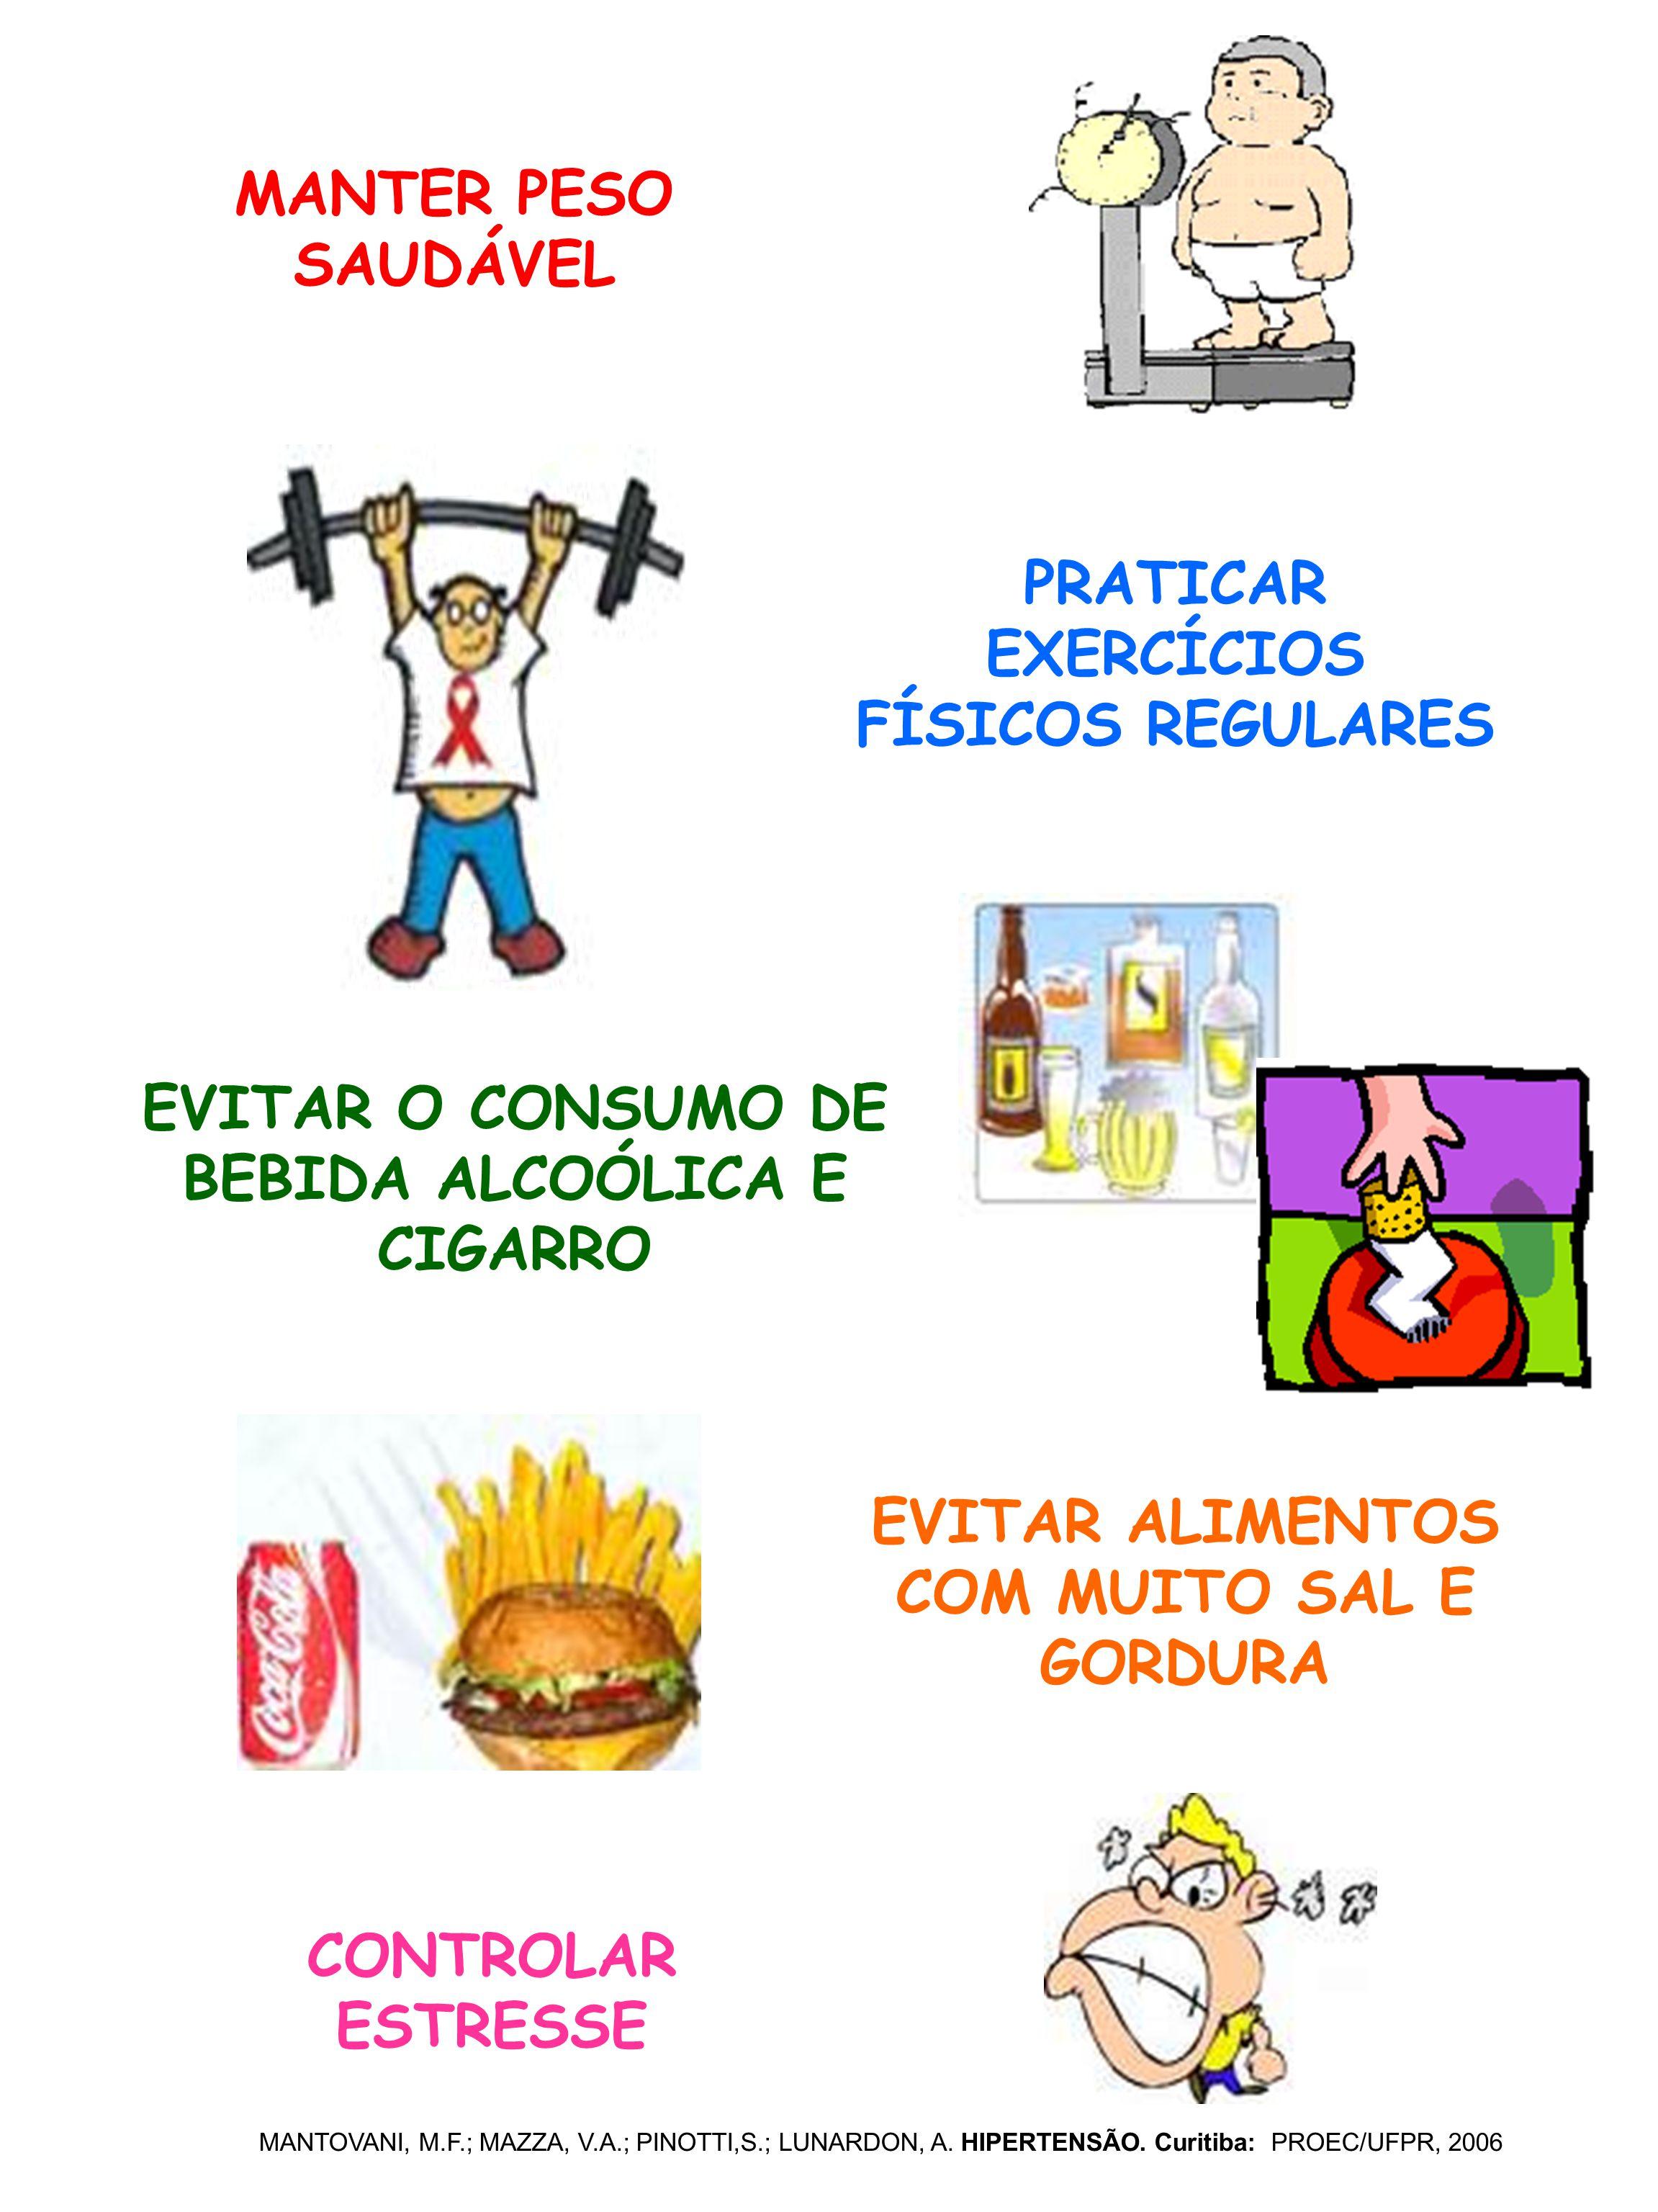 PRATICAR EXERCÍCIOS FÍSICOS REGULARES